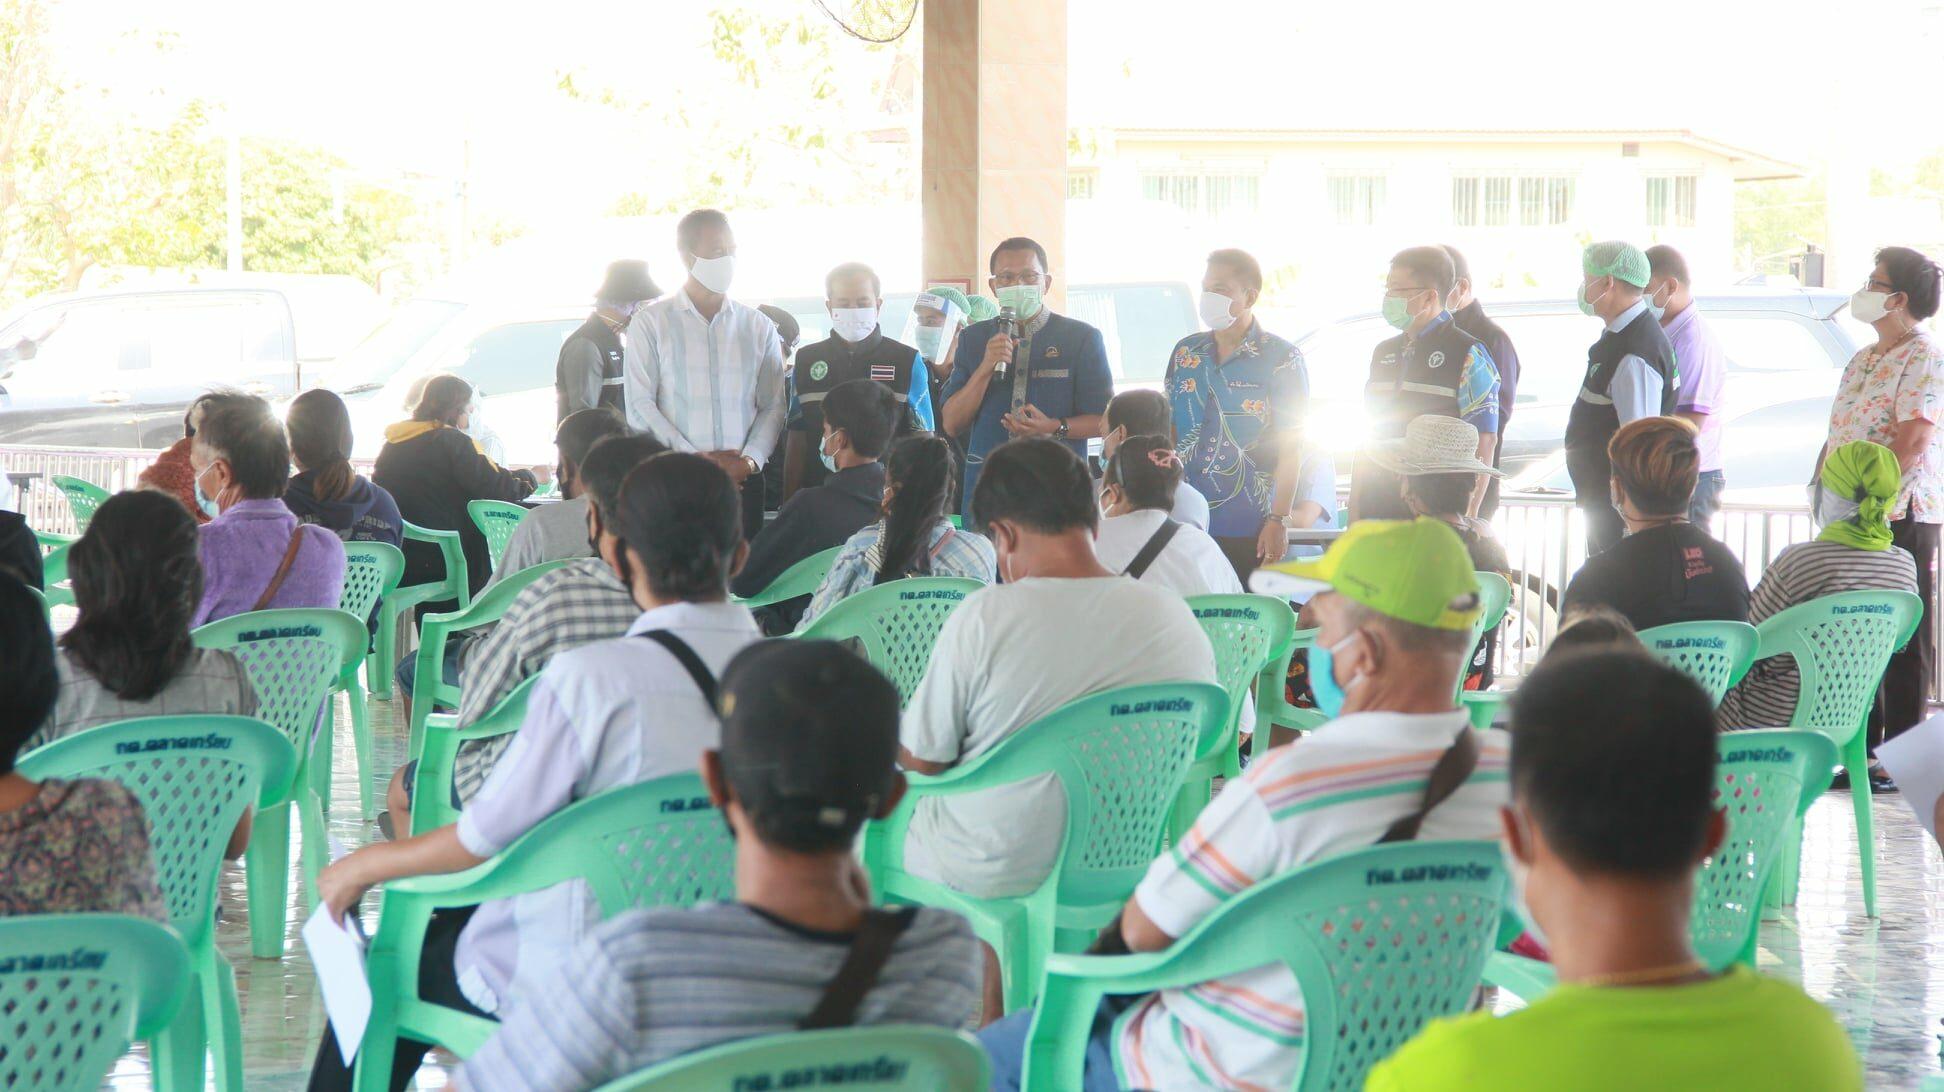 'ผู้ว่าฯอยุธยา' เร่งนำทีมแพทย์ลงตรวจทุกชุมชนทุกหลังคาเรือน ควานหาเซียนไก่ชนที่อาจติดเชื้อ